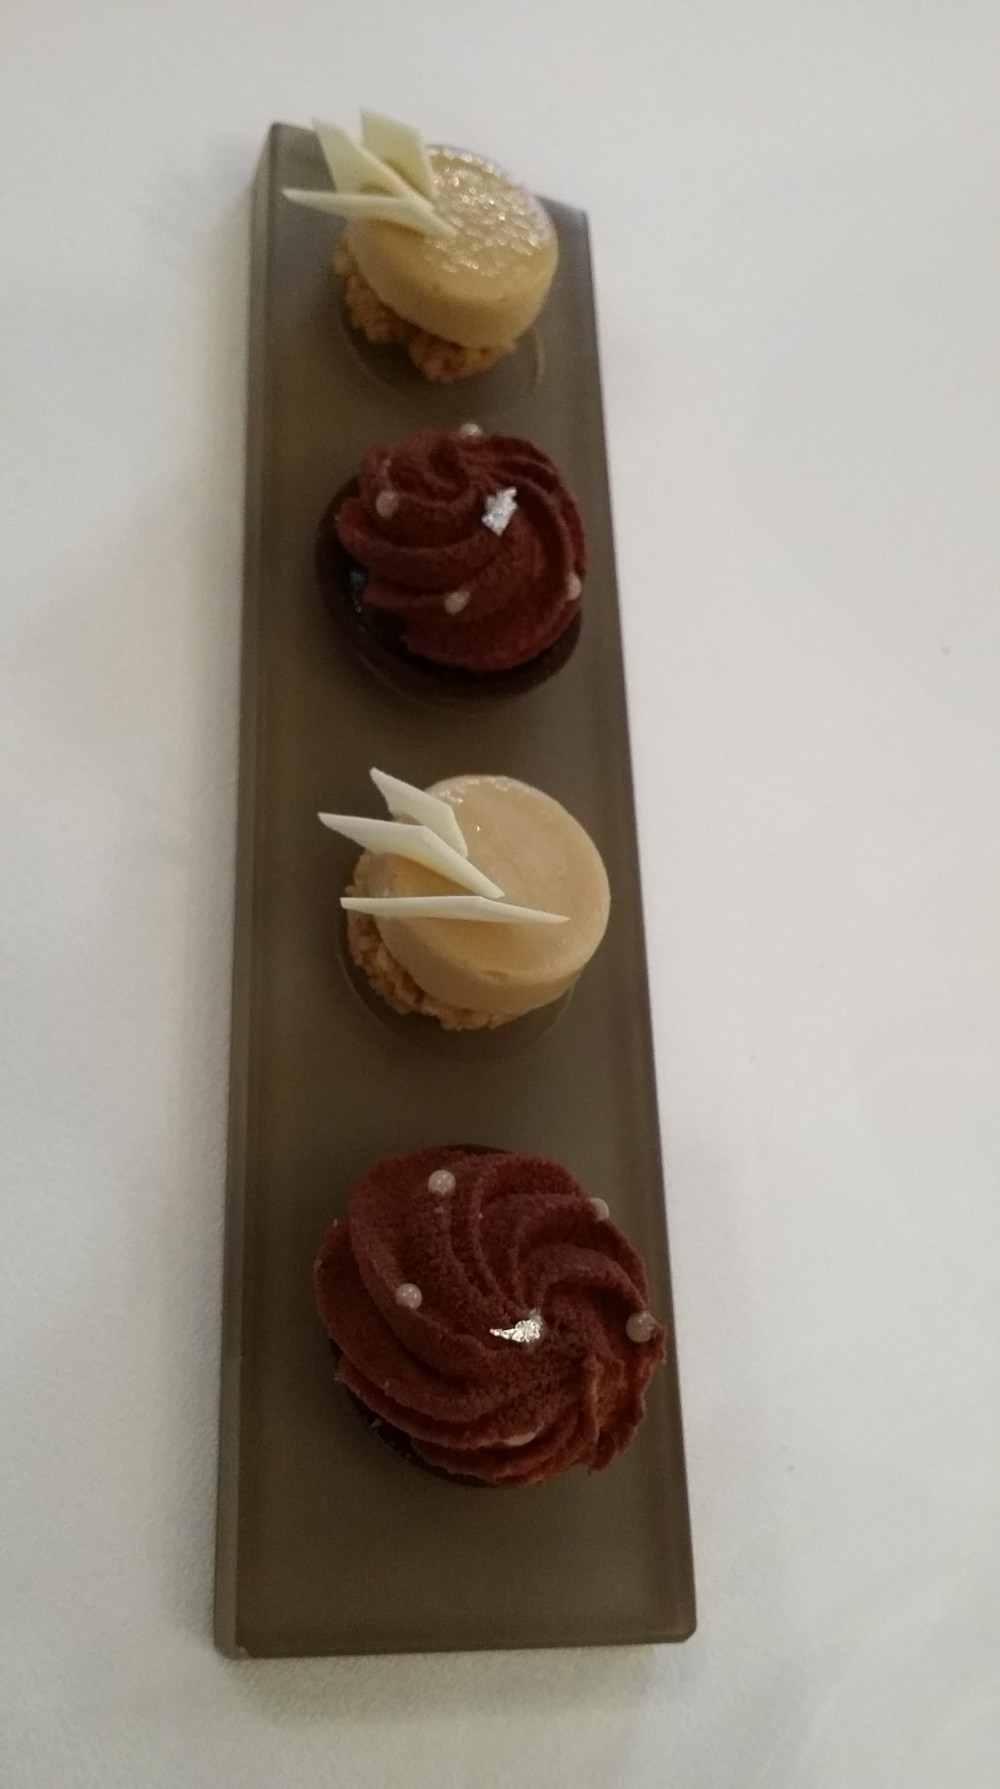 Mignardises...intéressante bouchée de chocolat à l'huile d'olive